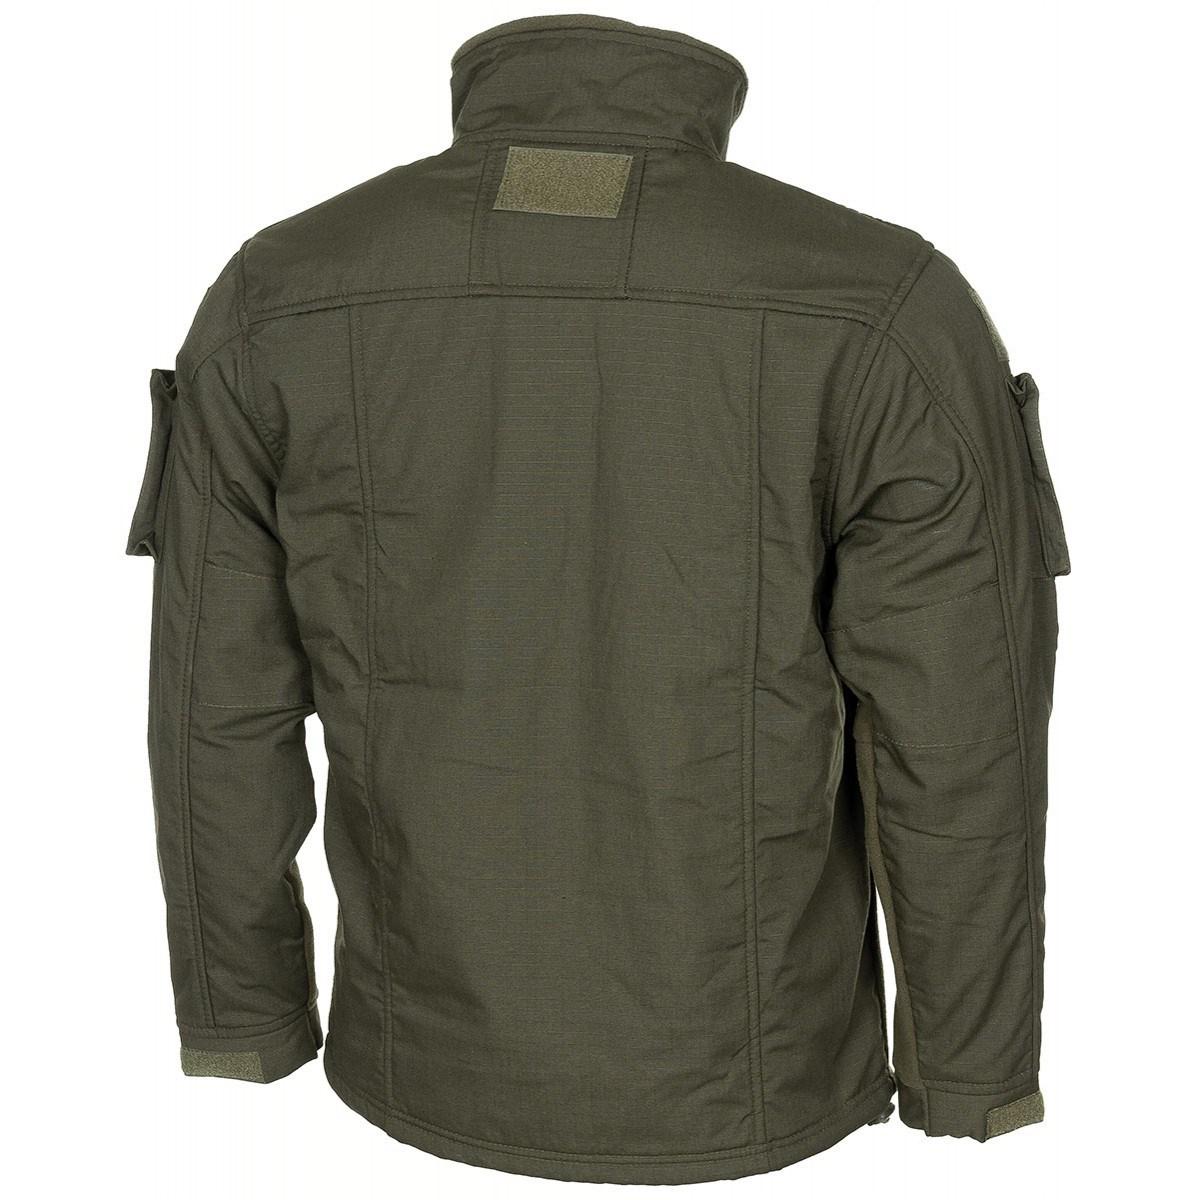 Tactical fleece jacket COMBAT OLIV MFH Defence 03811B L-11